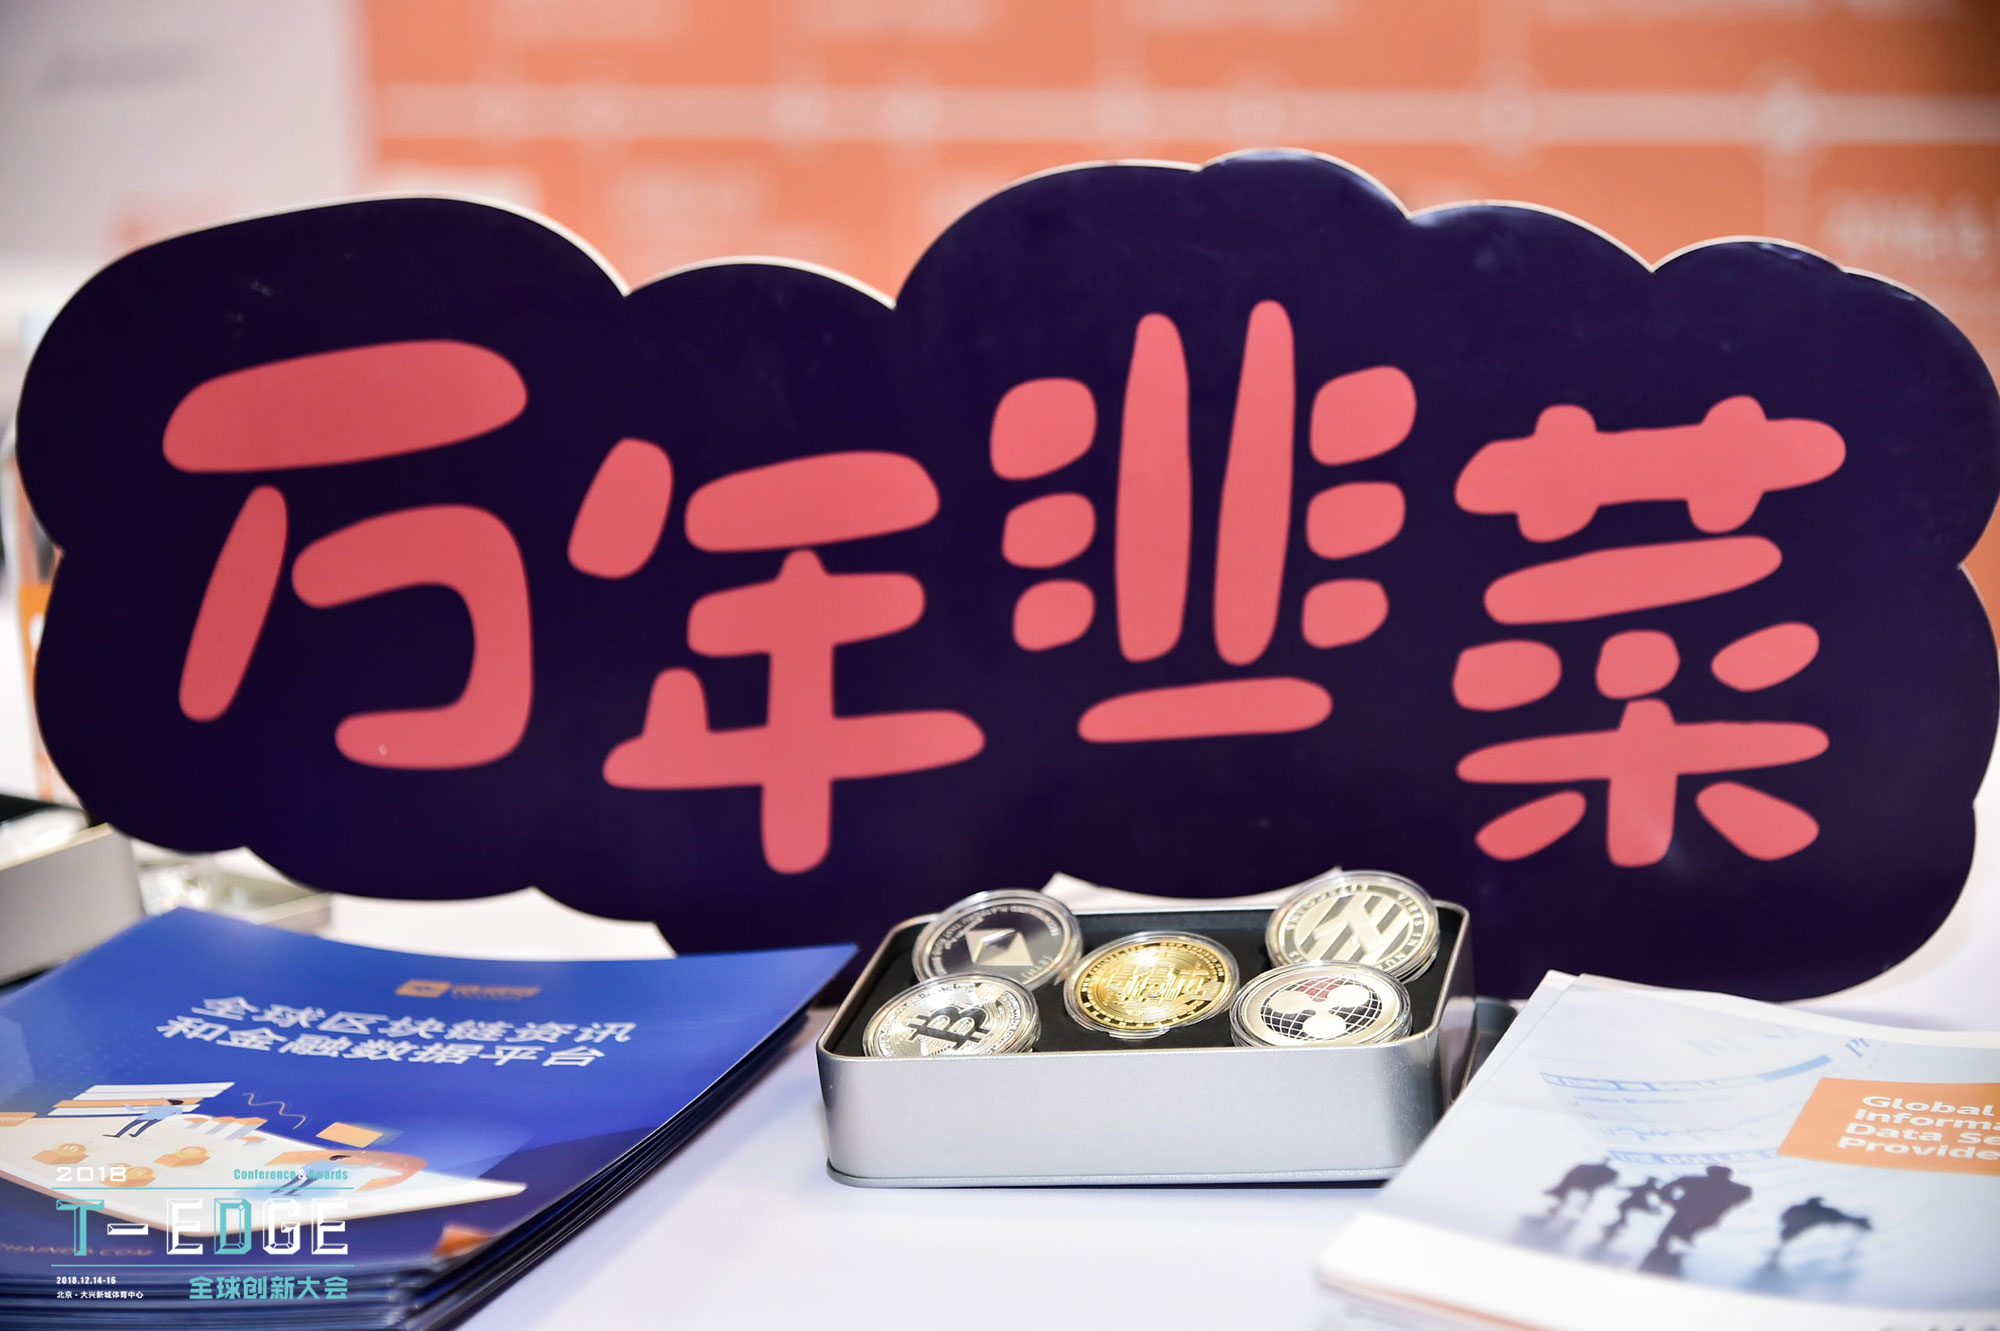 带你来逛 2018 T-EDGE 全球创新互动体验展区